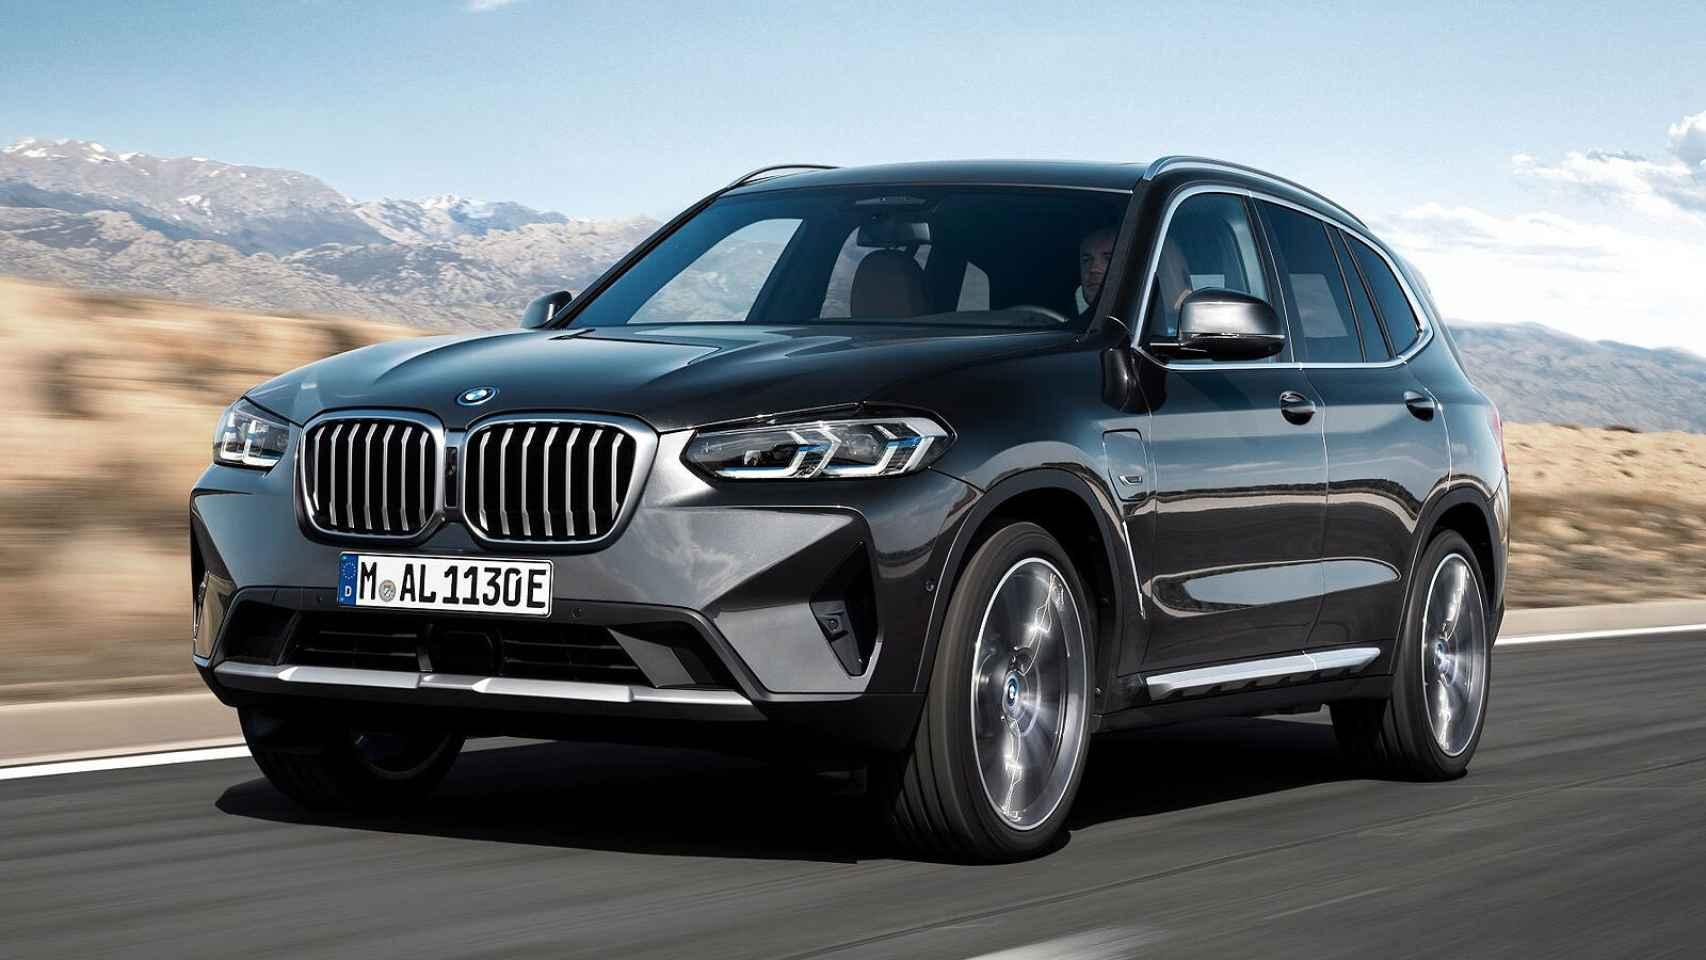 BMW X3 y X4: diseño y electrificación… estos son los cambios que incorporan estos SUV de éxito